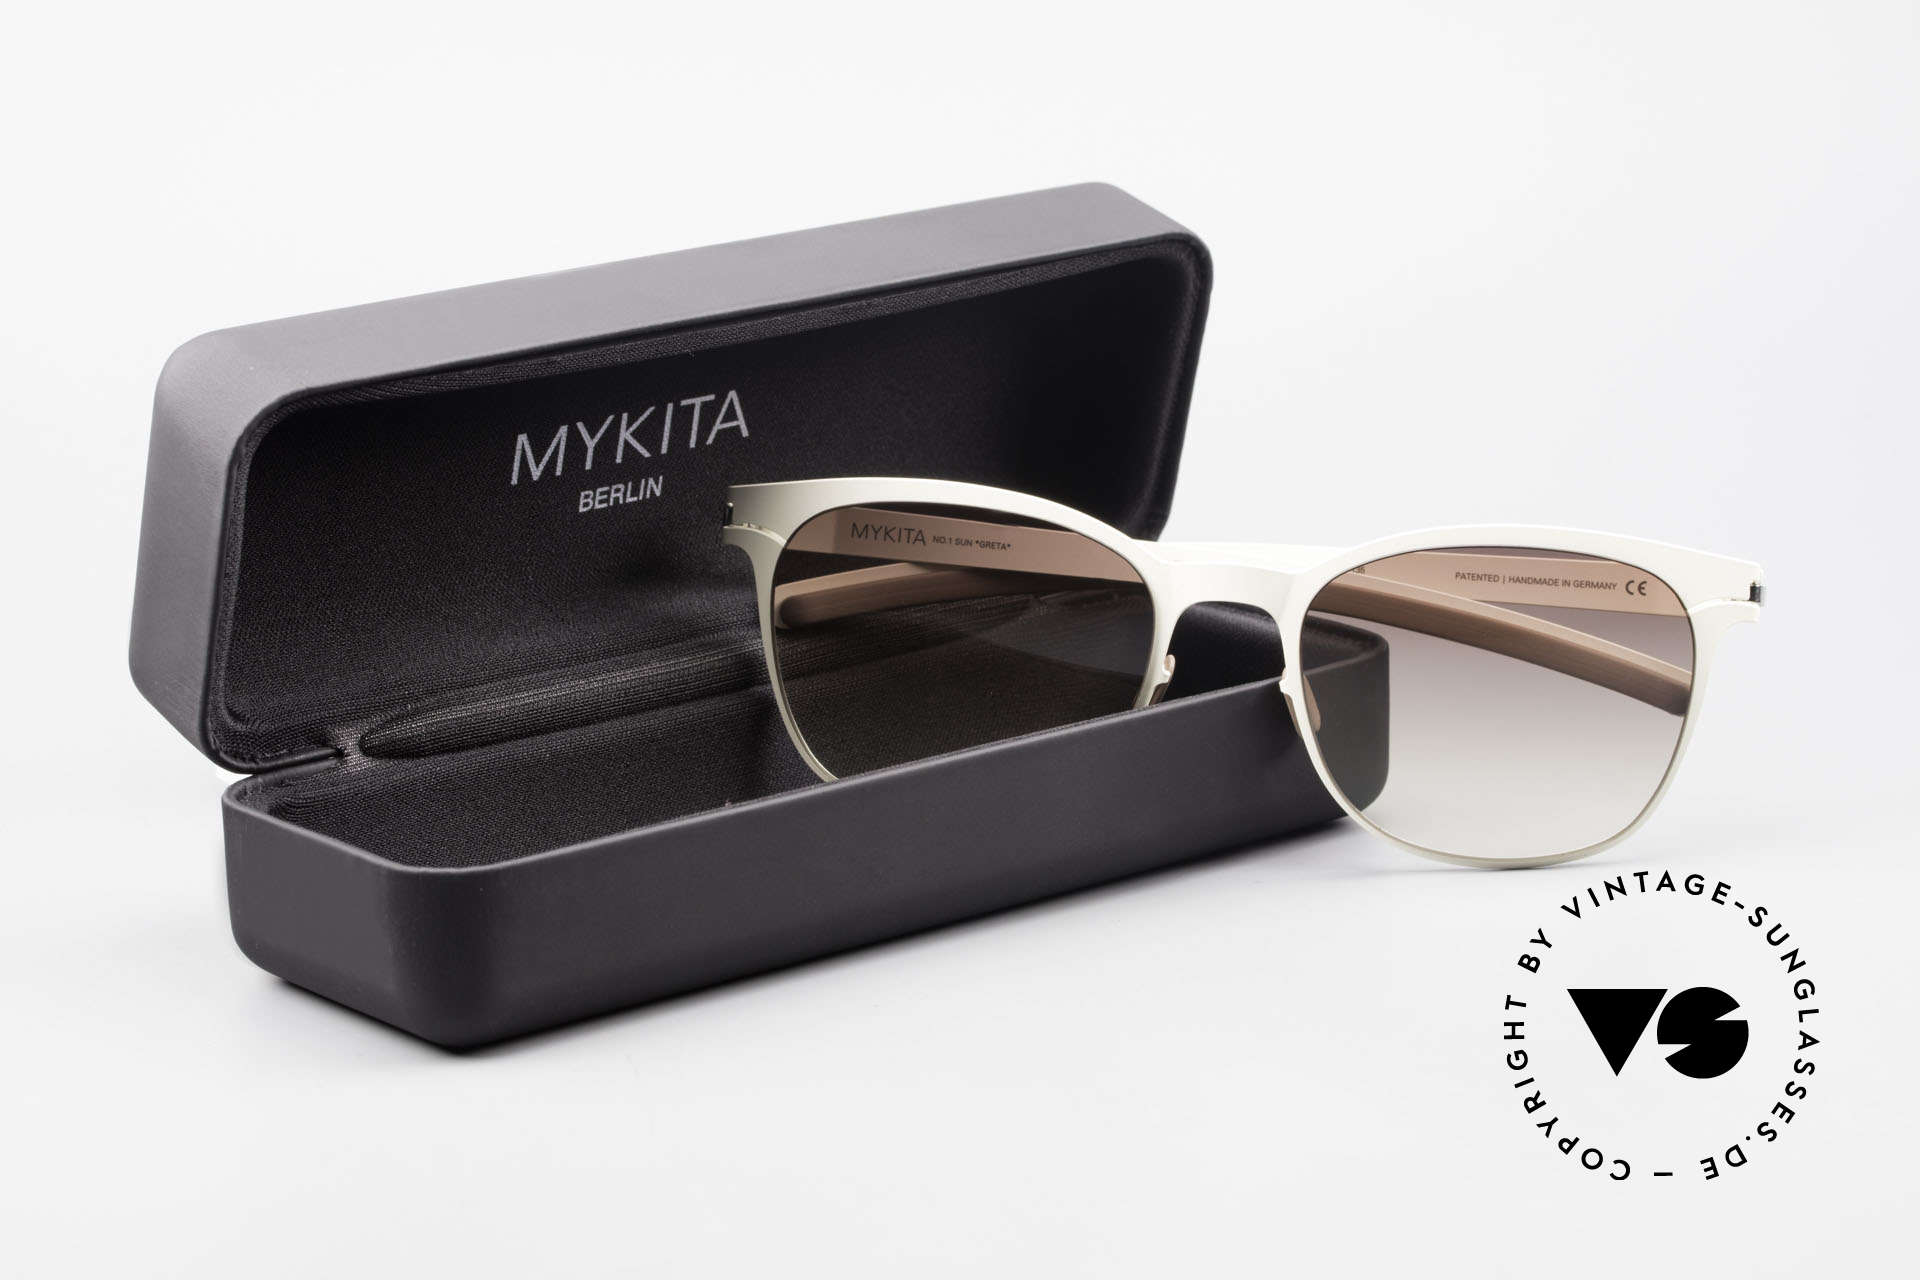 Mykita Greta Ladies Sunglasses From 2009, Size: medium, Made for Women